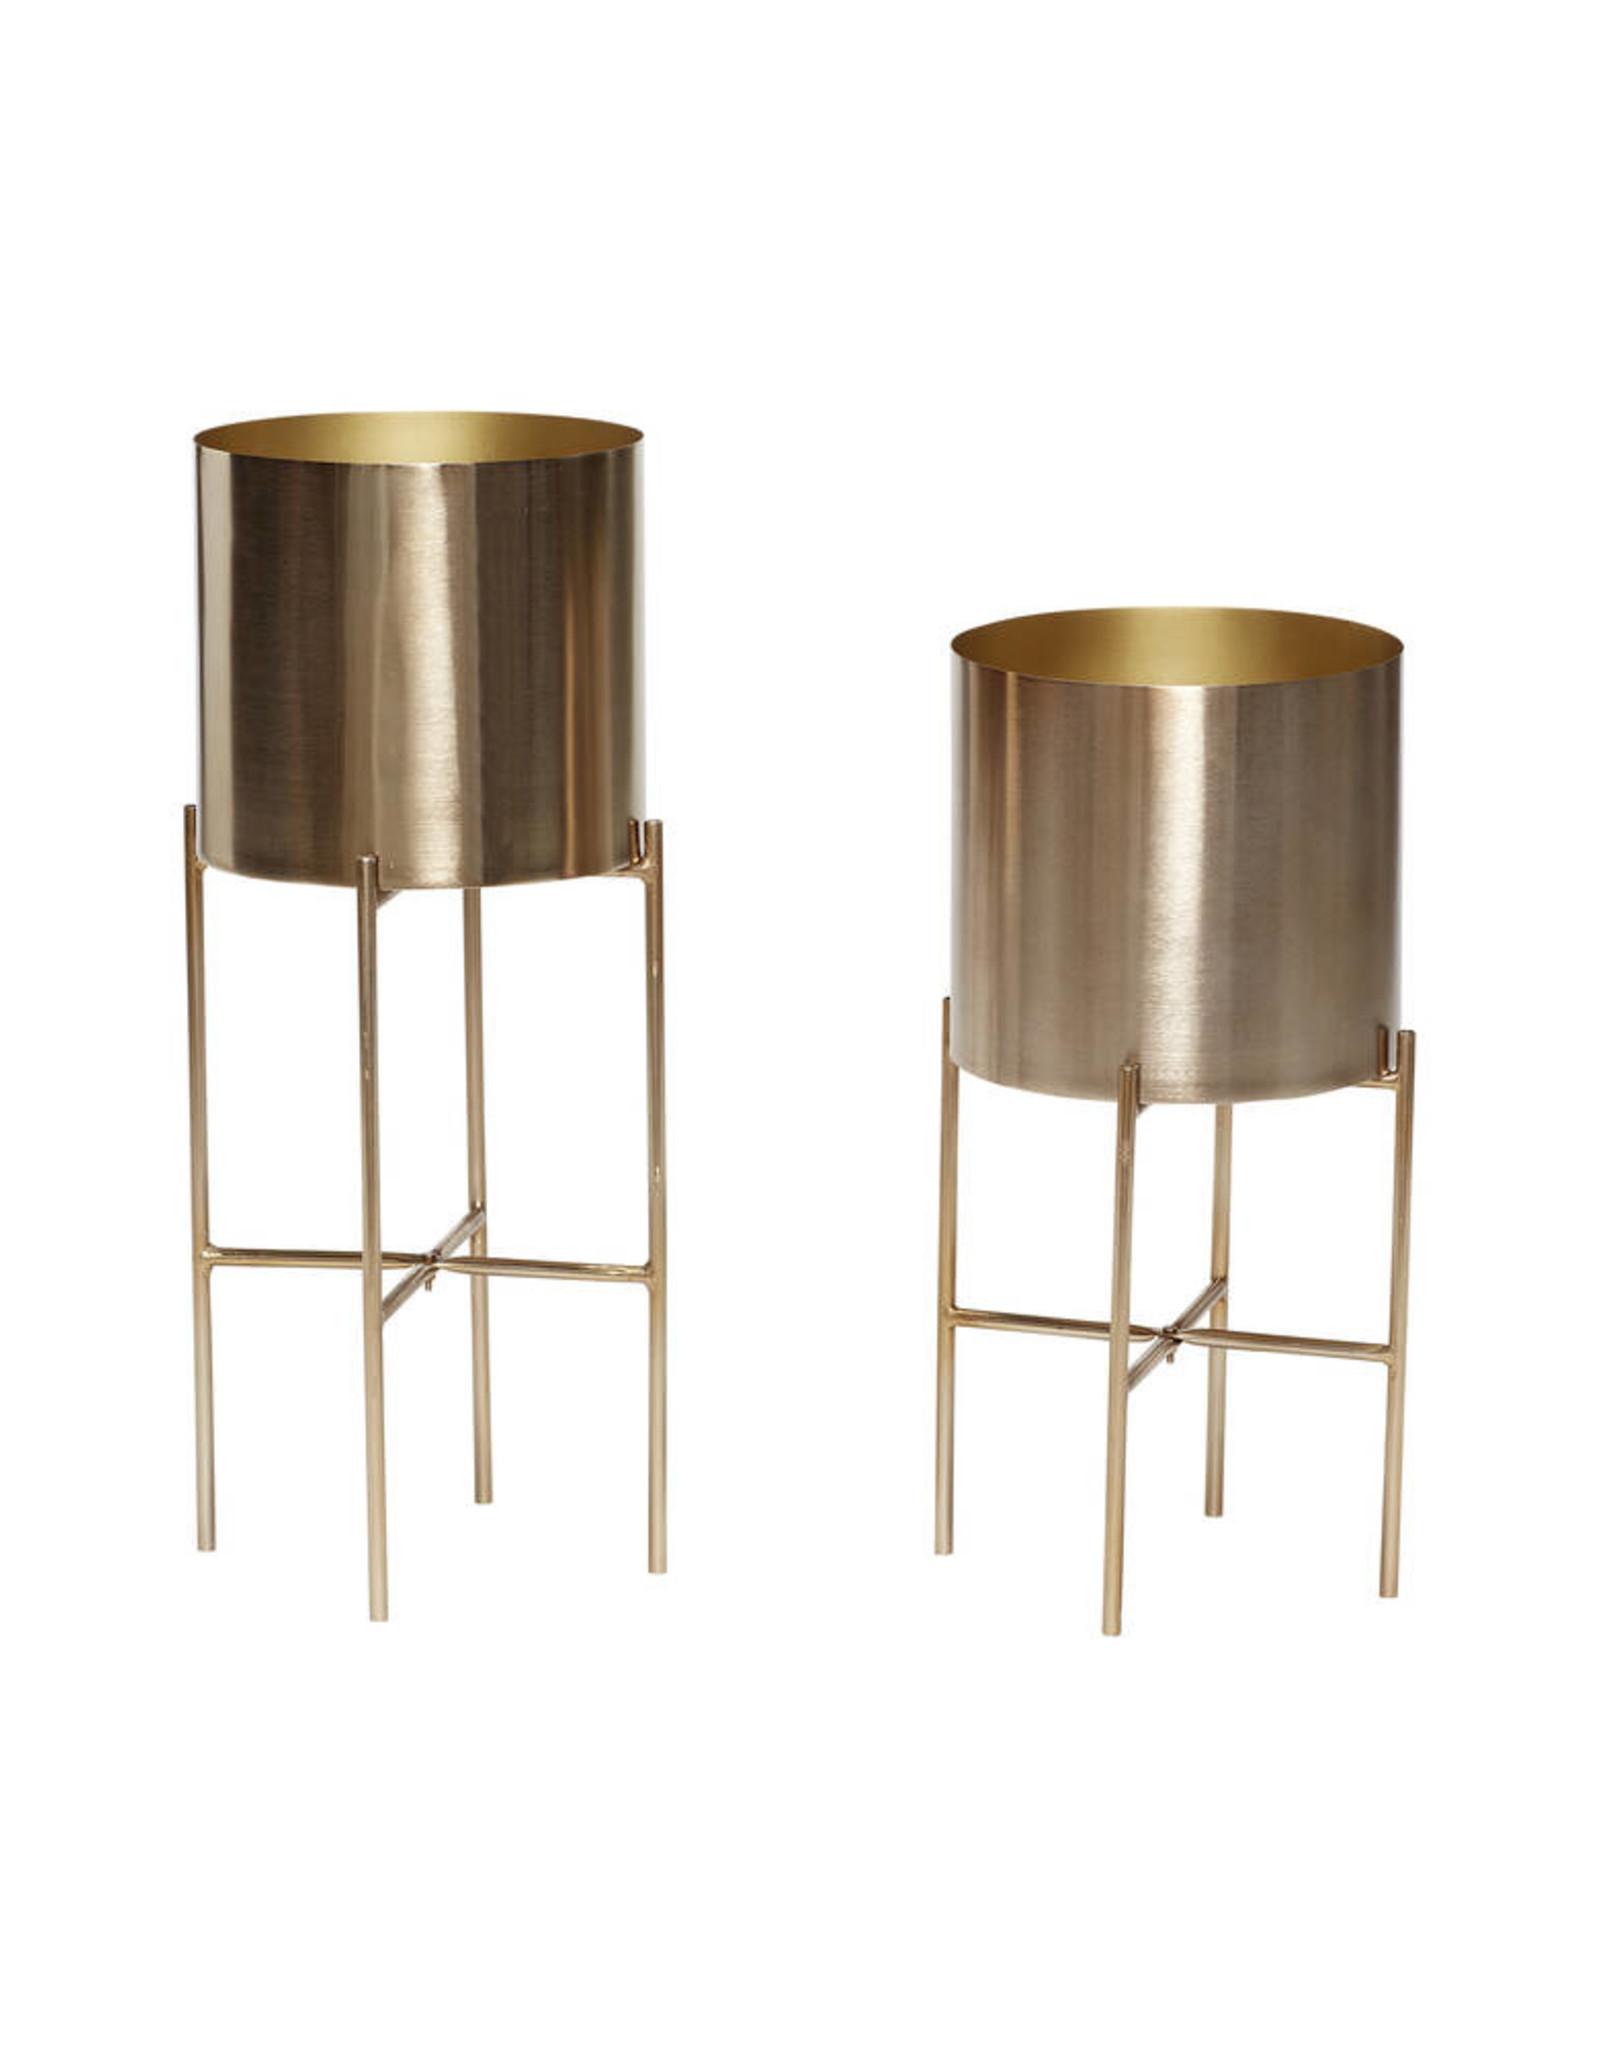 Hübsch Golden Pot w/ legs Ø23 h55